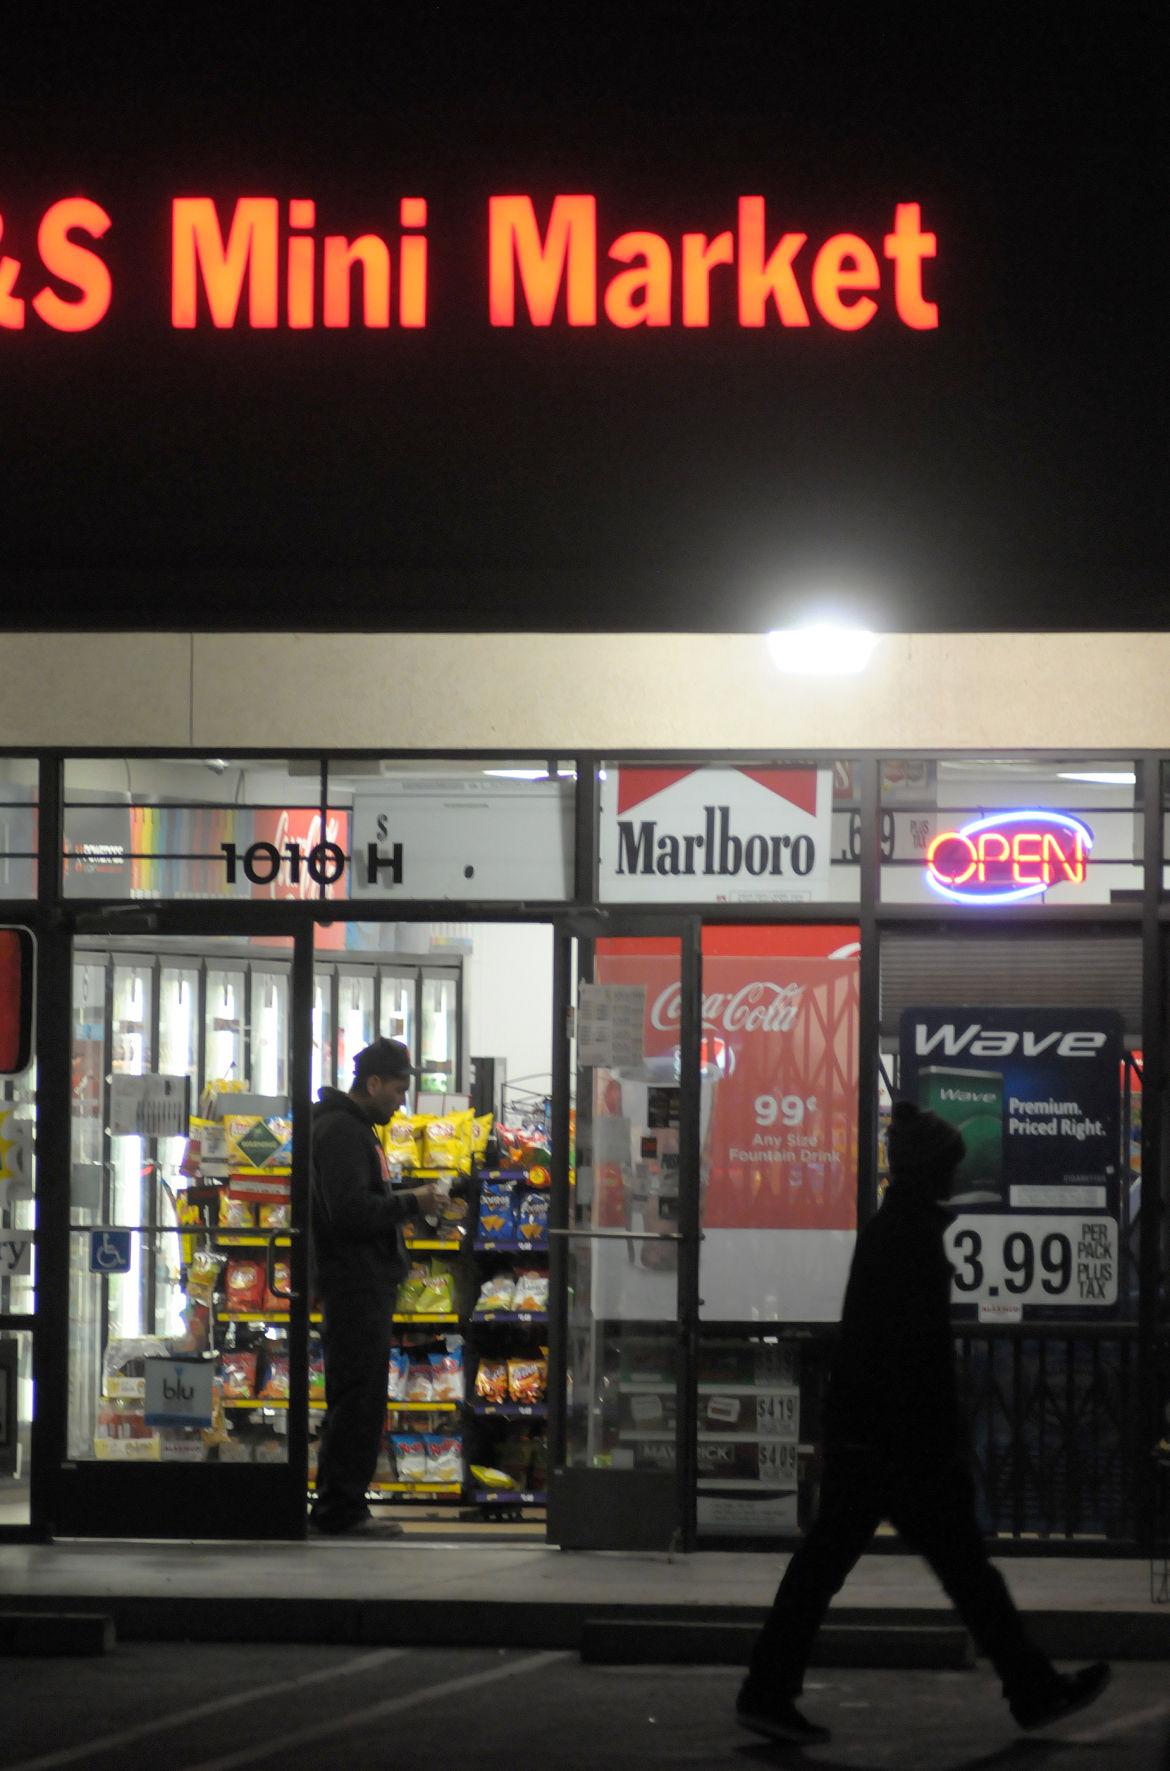 M&S Mini Market